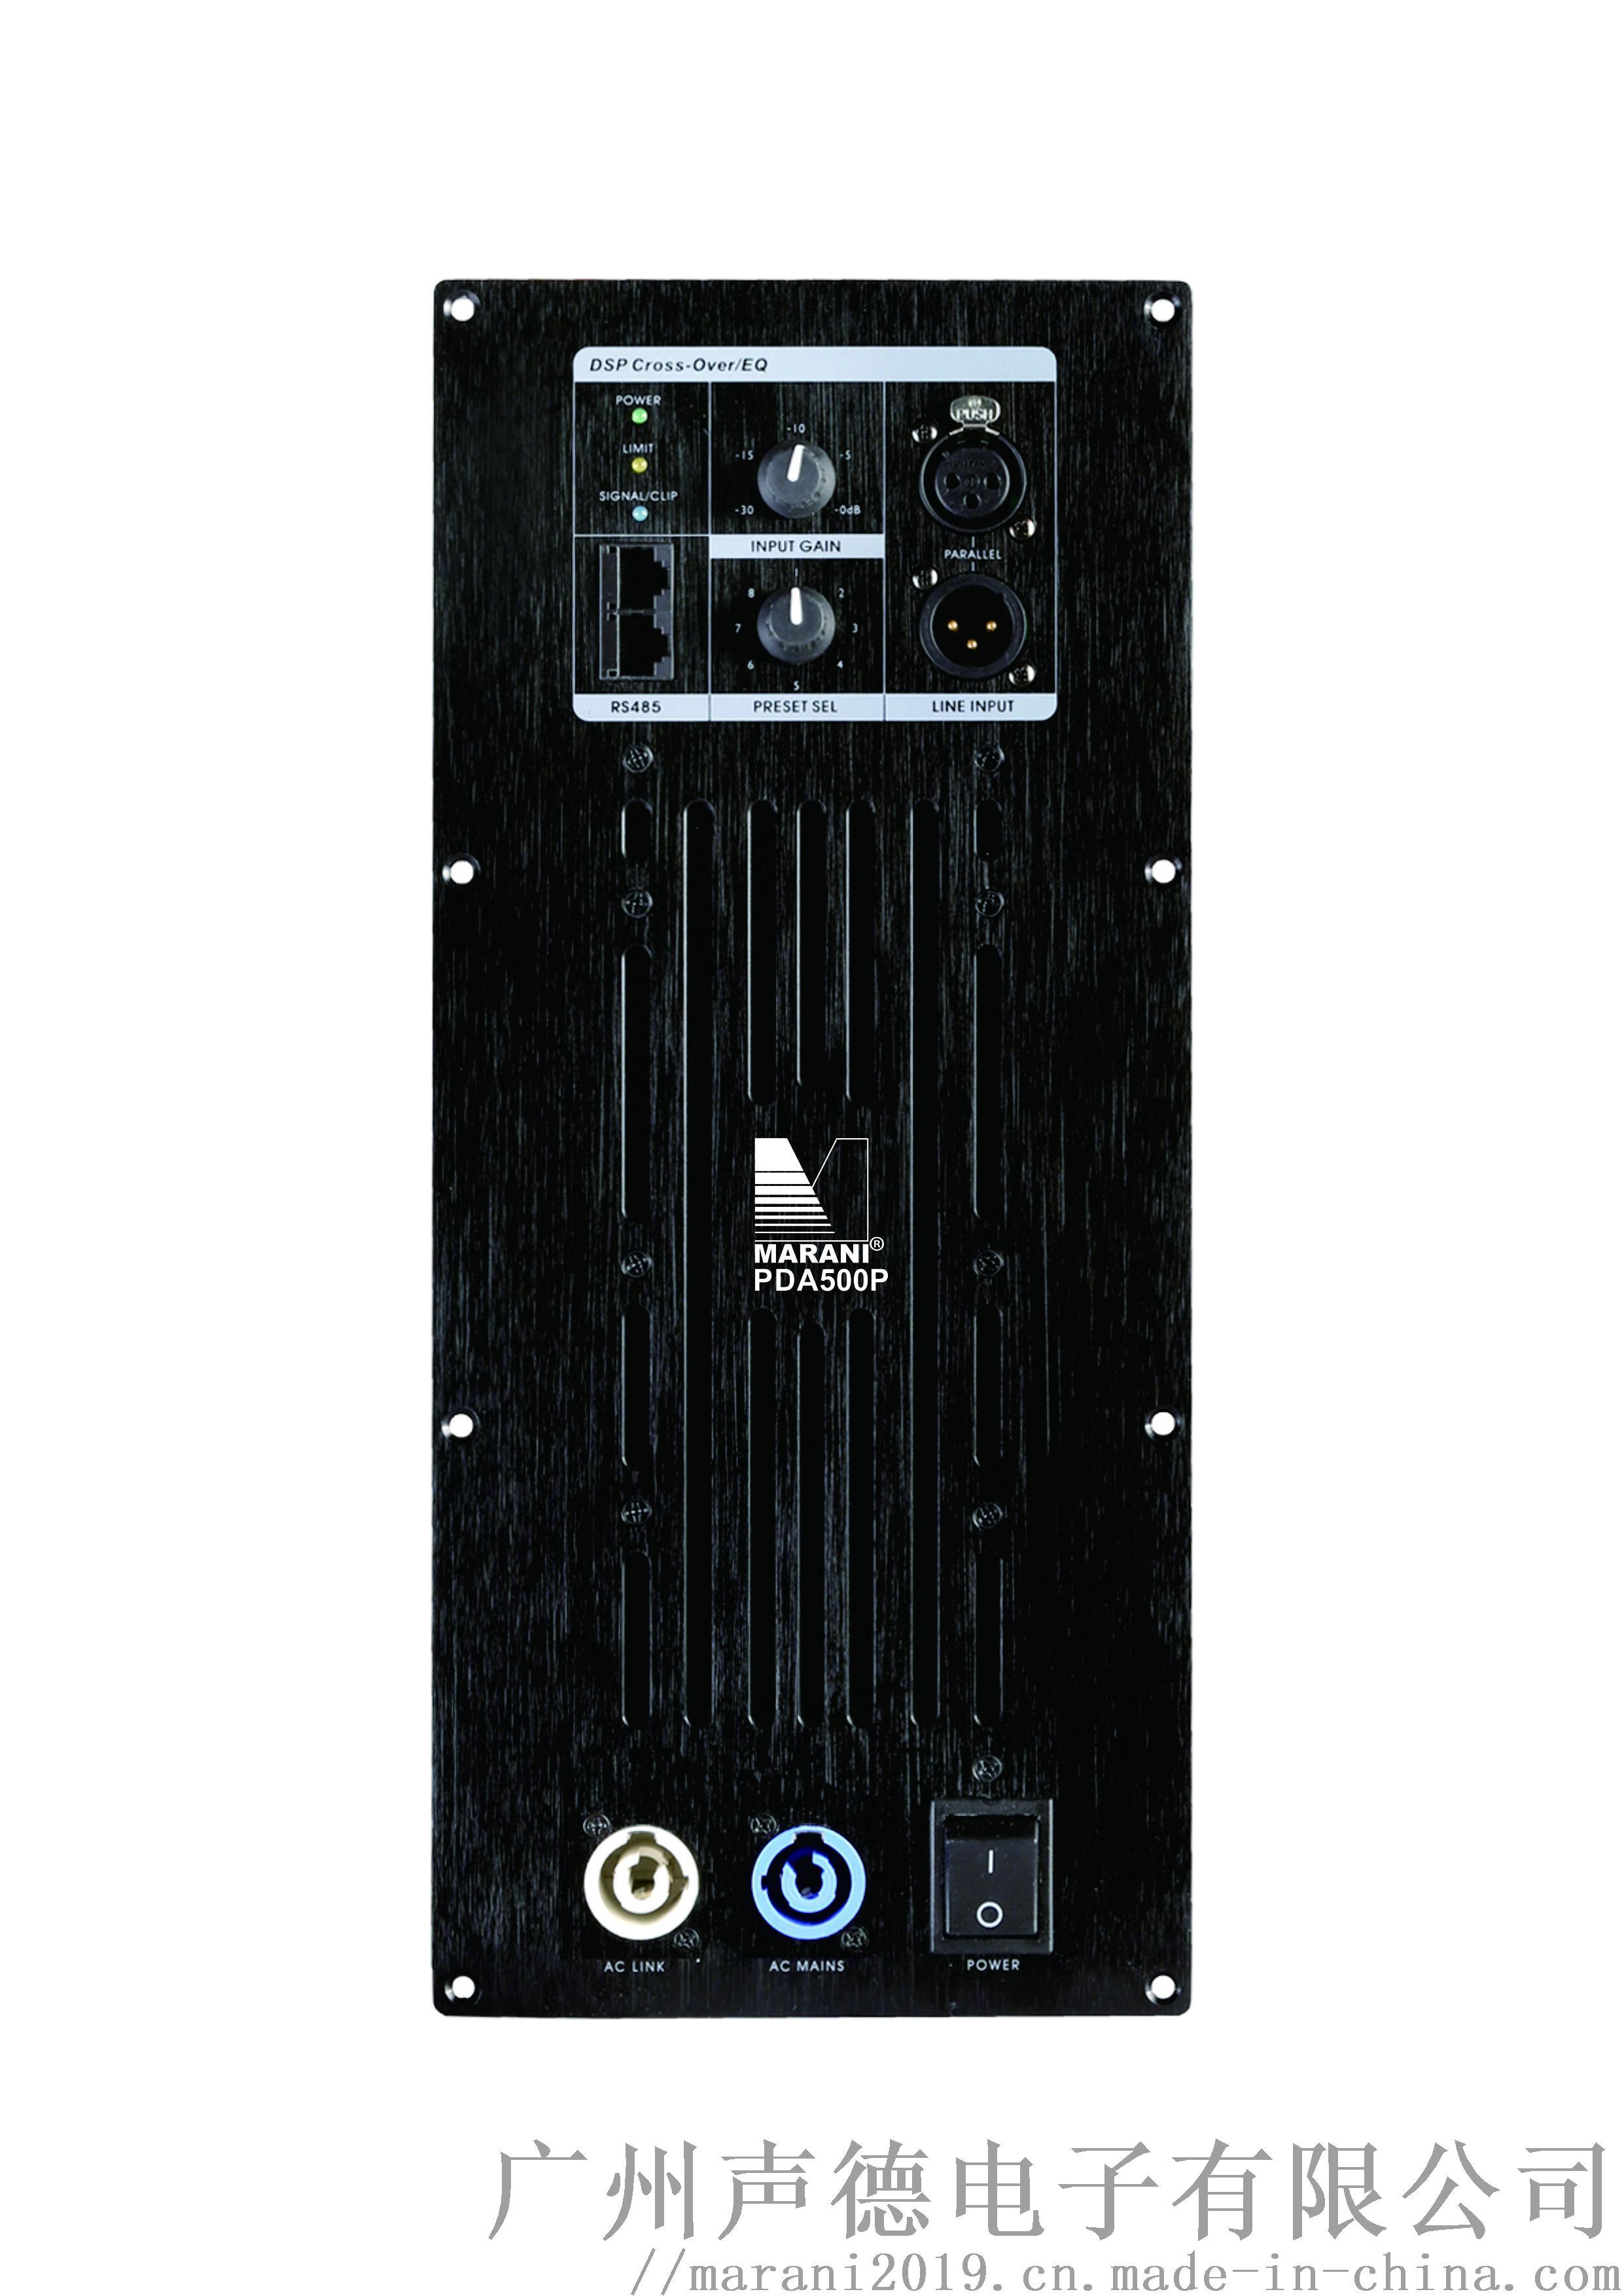 DPA500P-F.jpg